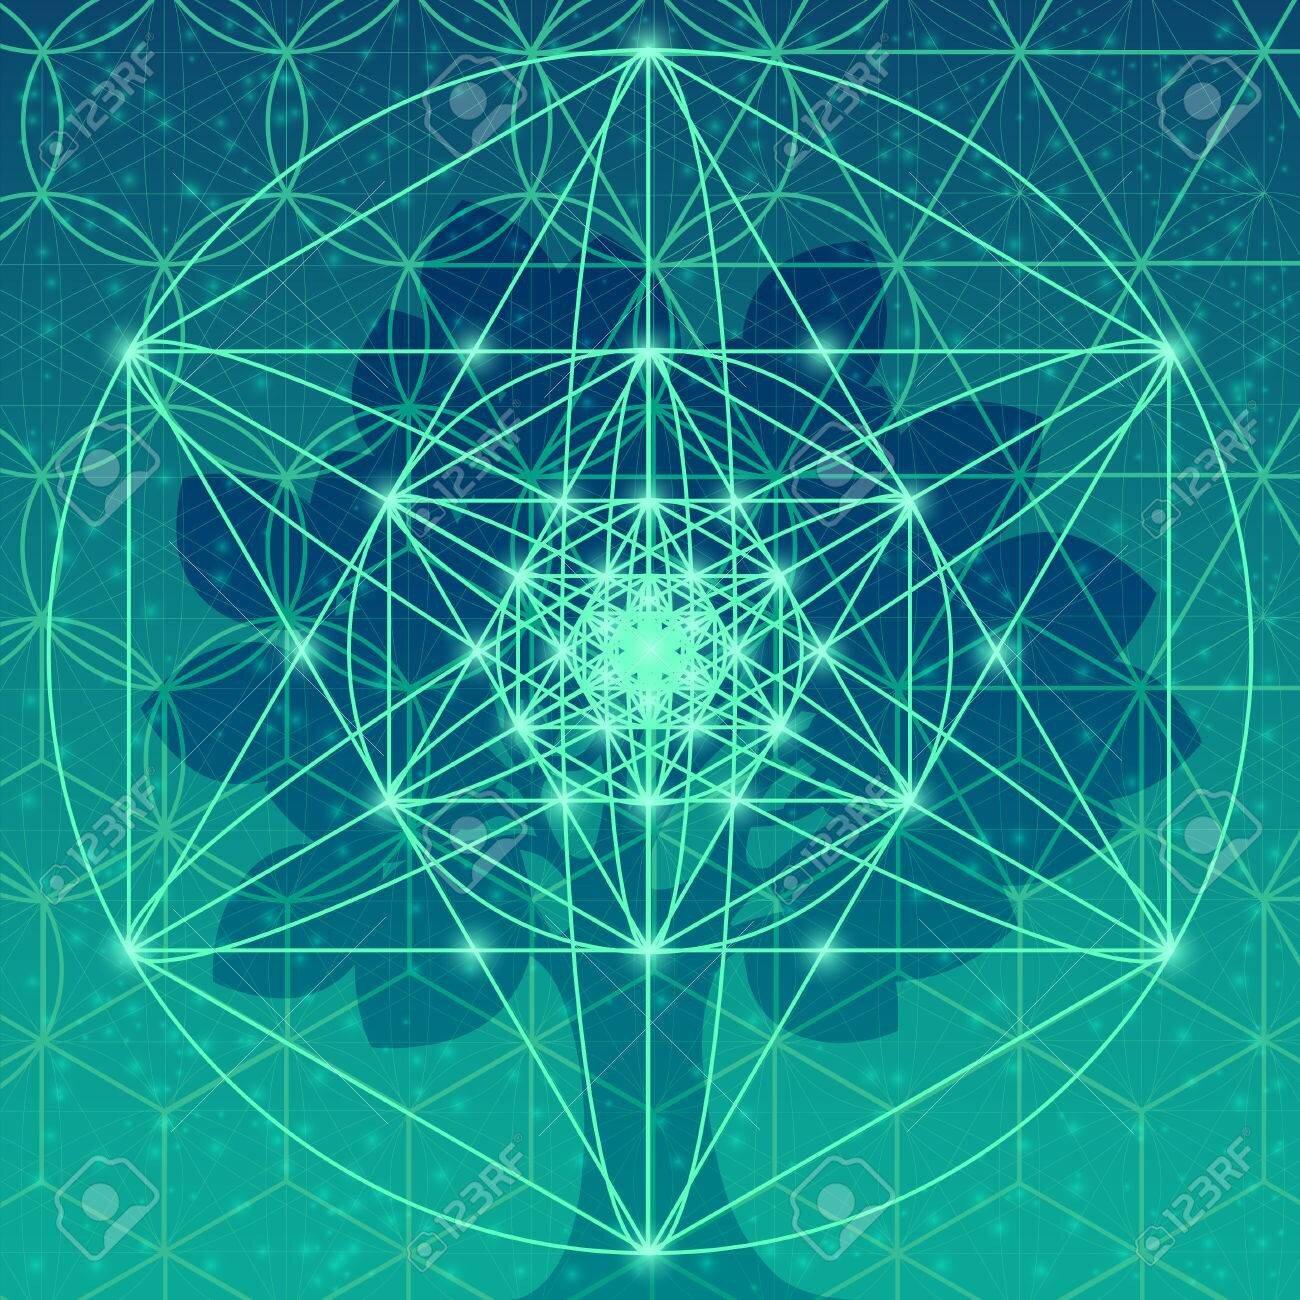 fusion_energetique_marie_rose_Hax7uya.jpg